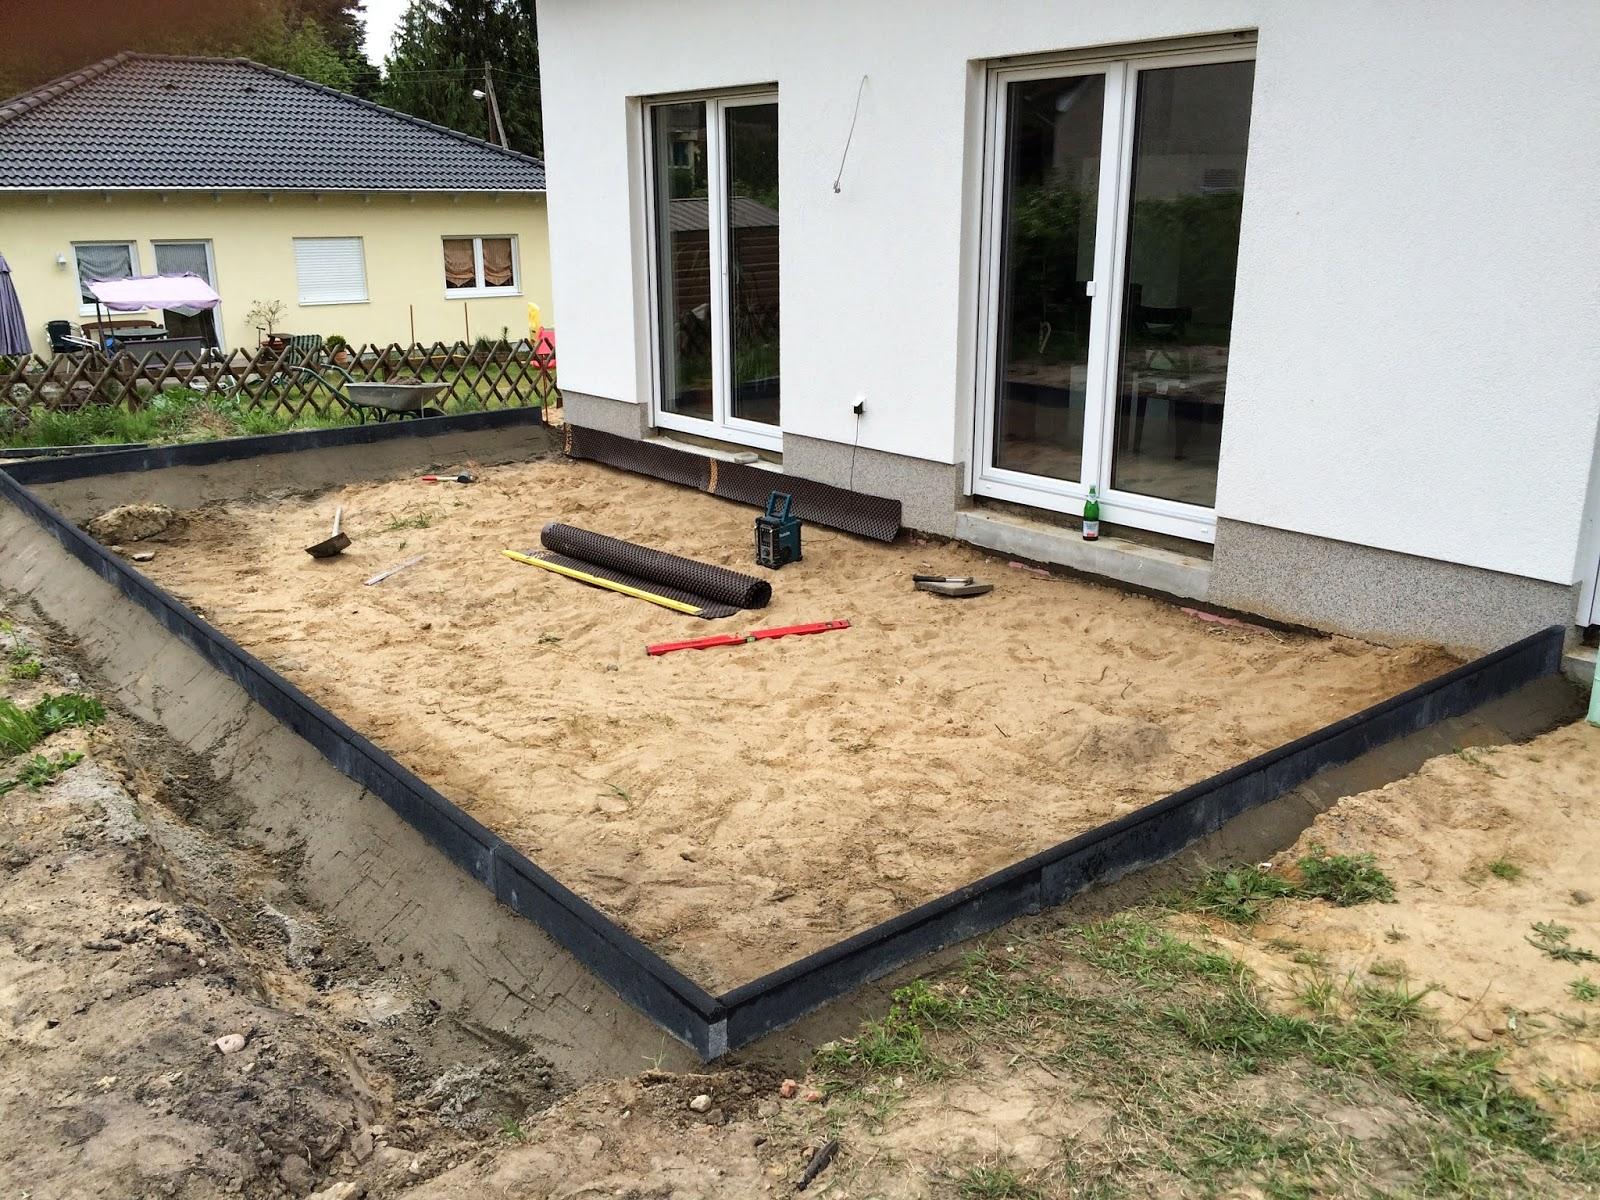 Terrasse Betonieren Kosten Perfect Was Tut Sich Auf Malzers